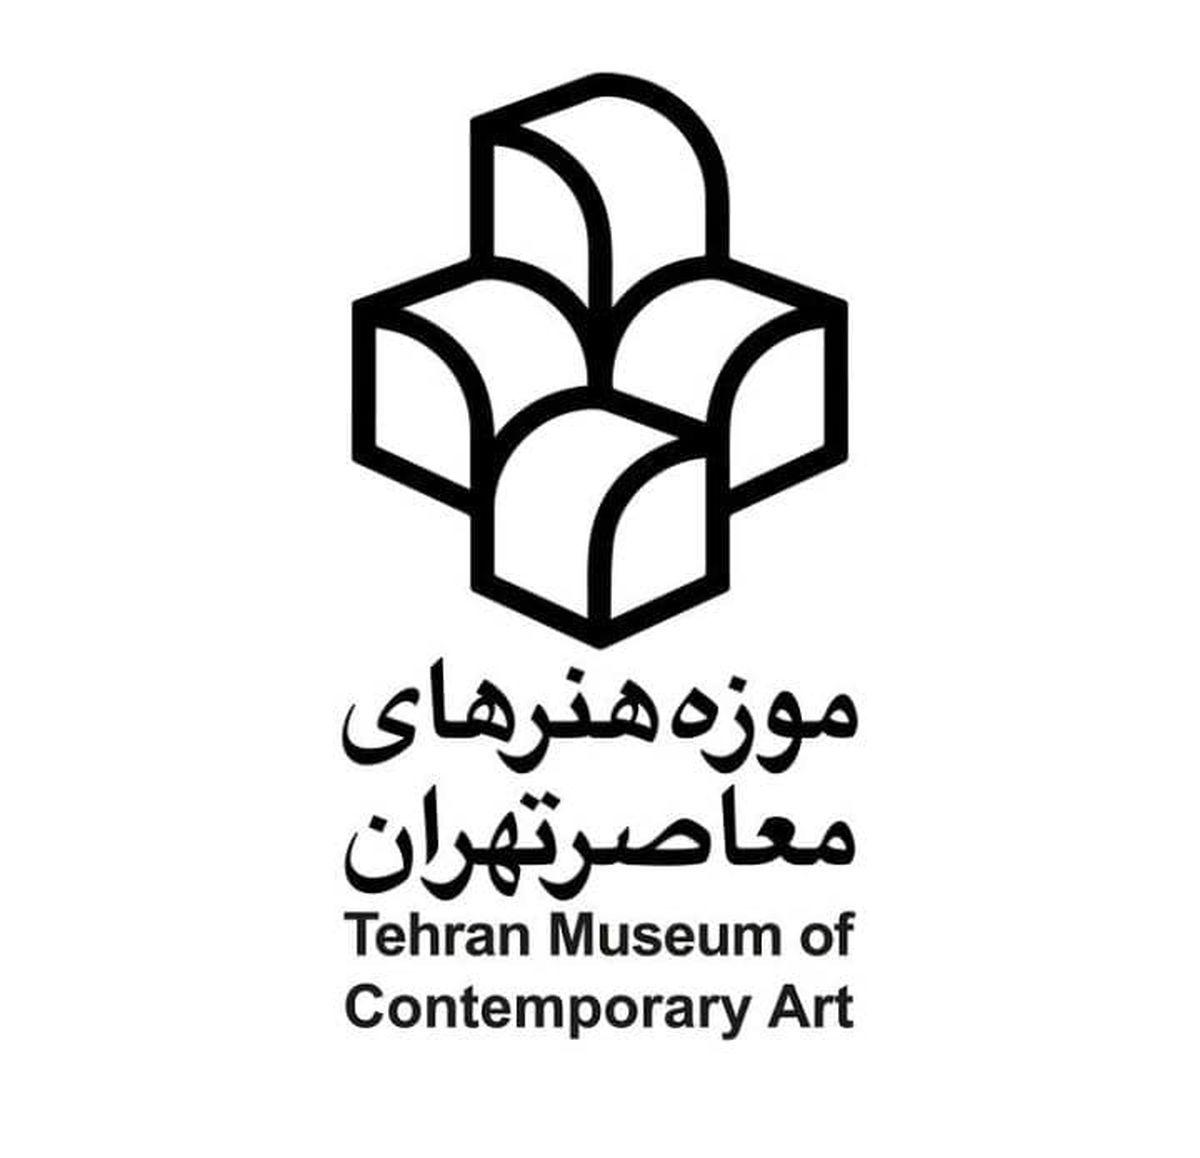 بازگشایی موزه هنرهای معاصر تهران با ۲ نمایشگاه پس از دو سال